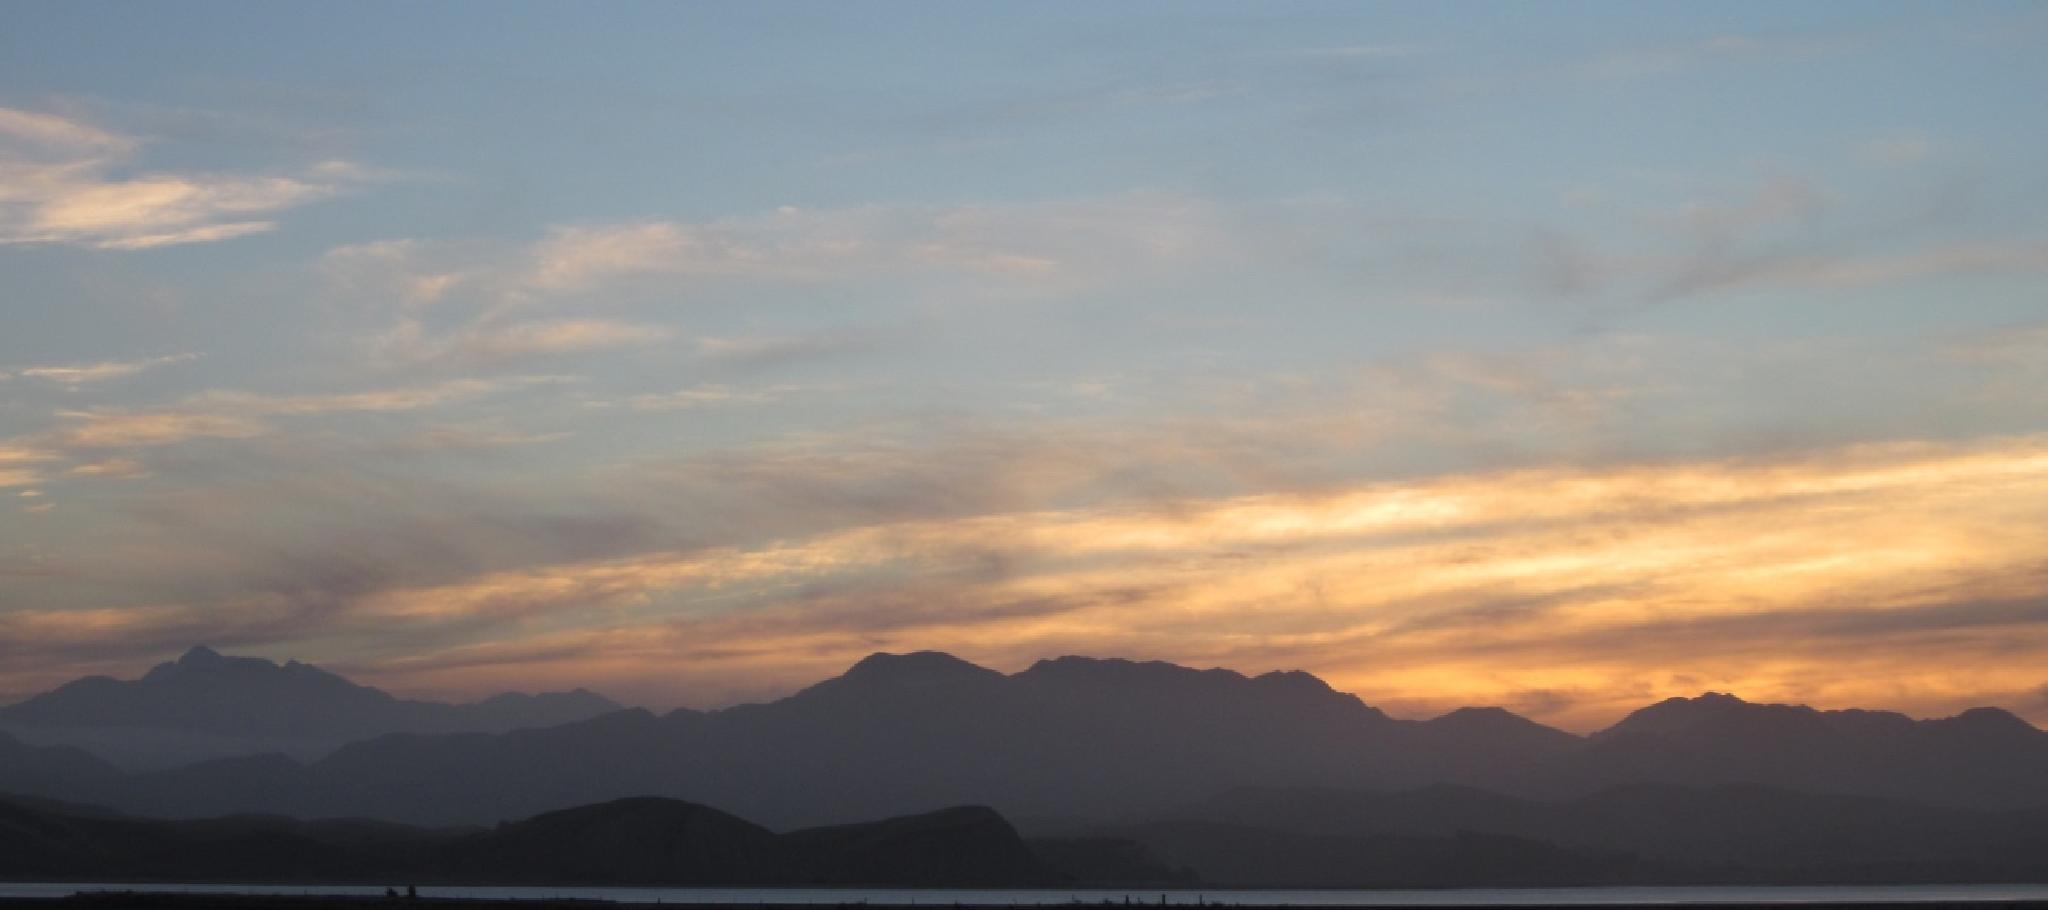 Day's last light softens the mountain ranges by johndflatt